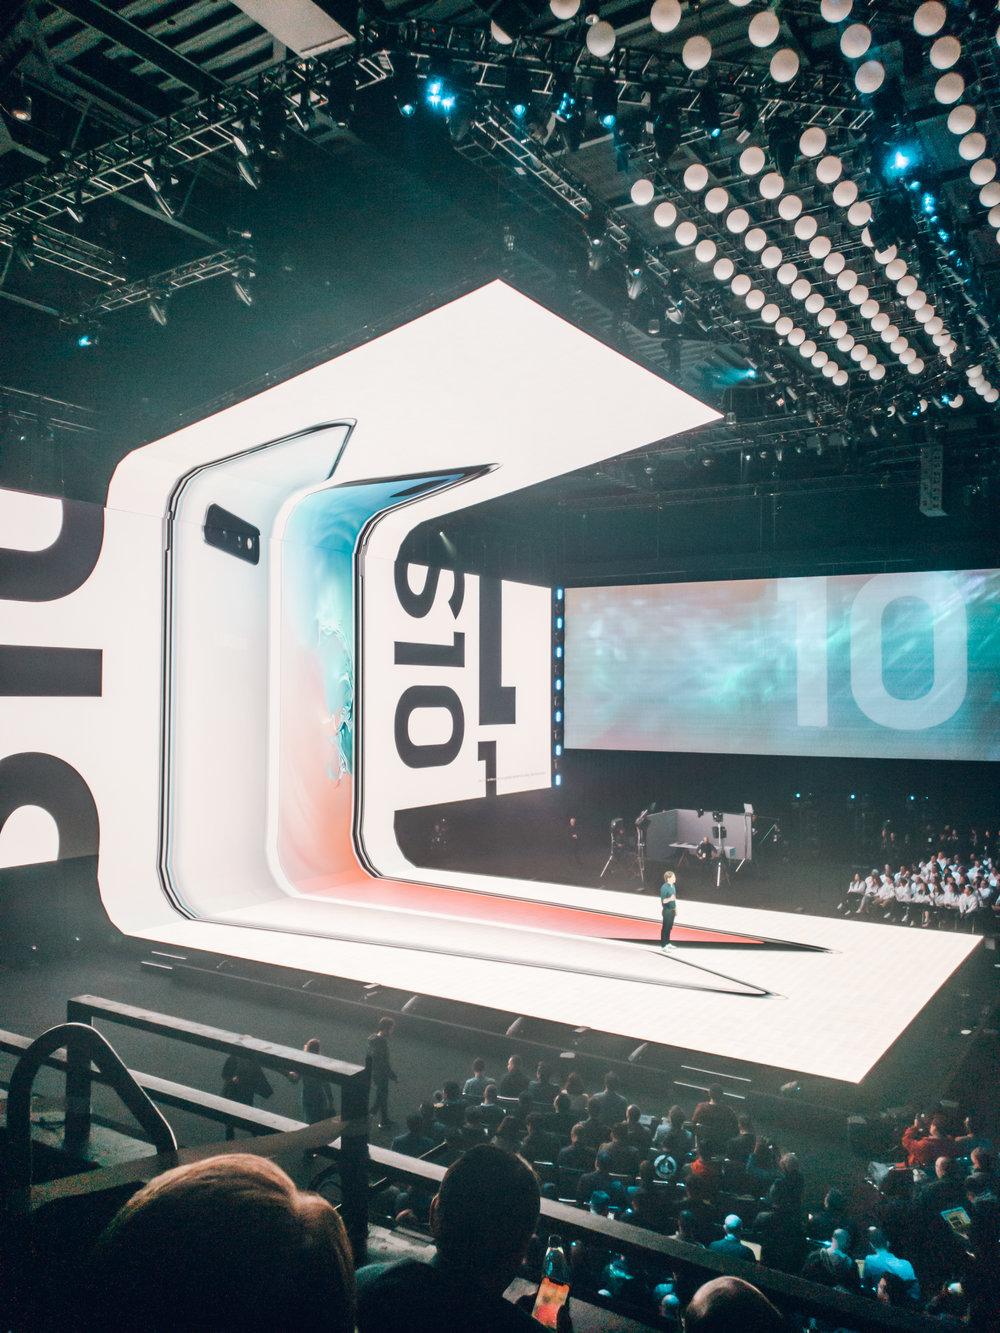 20190220_120151.jpg